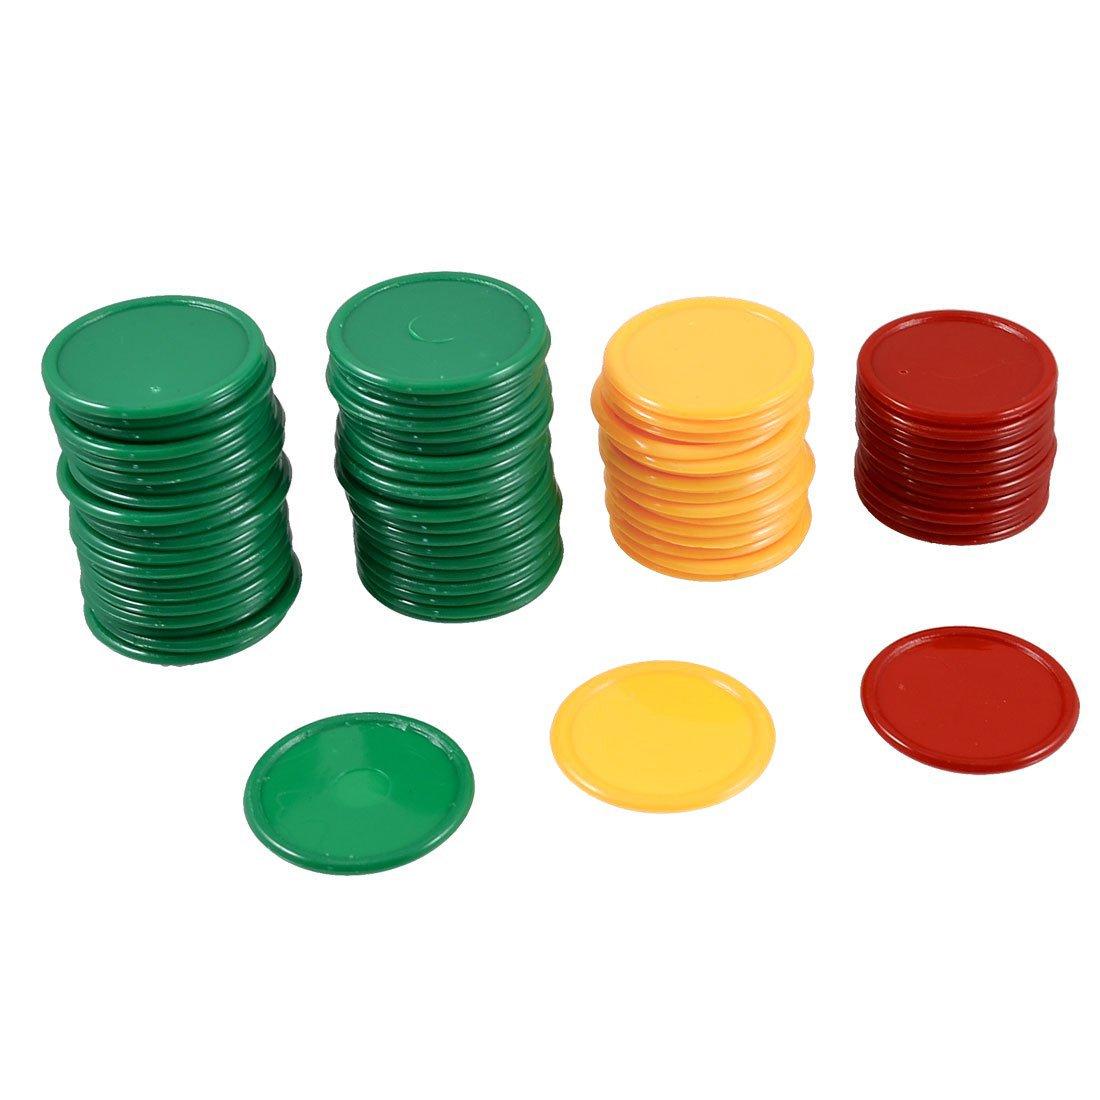 SODIAL(R) 69 Pcs Mini Jetons de poker Rouge Jaune Vert En forme ronde pour le jeu chanceux 040895